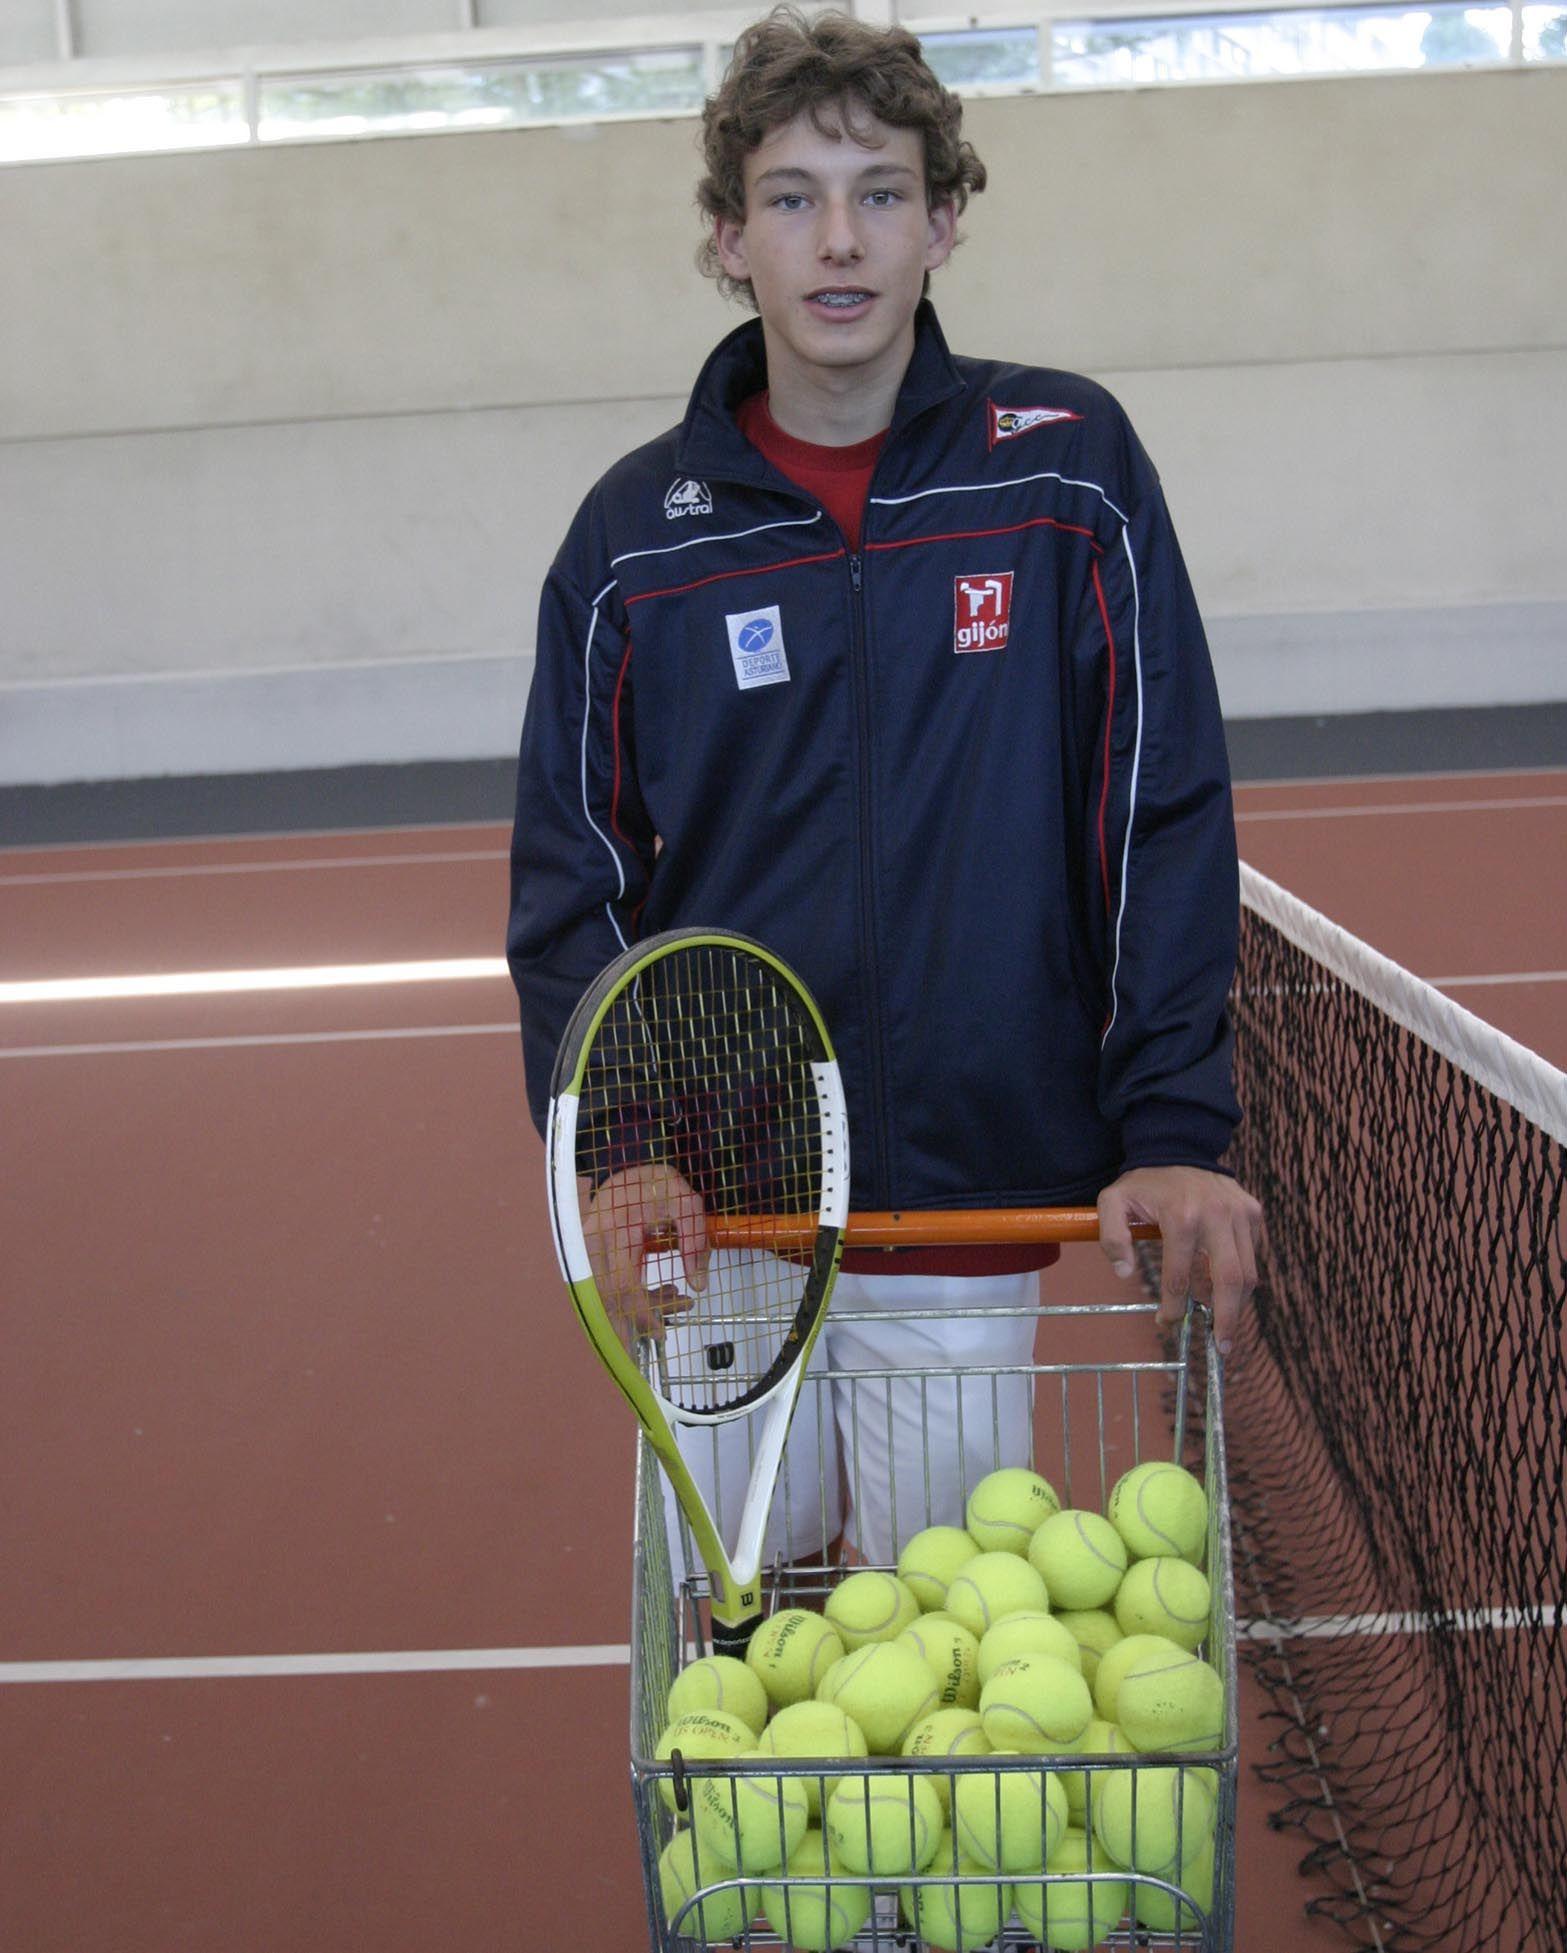 Pablo Carreño, raqueta en mano desde niño: todas las fotografías de su trayectoria